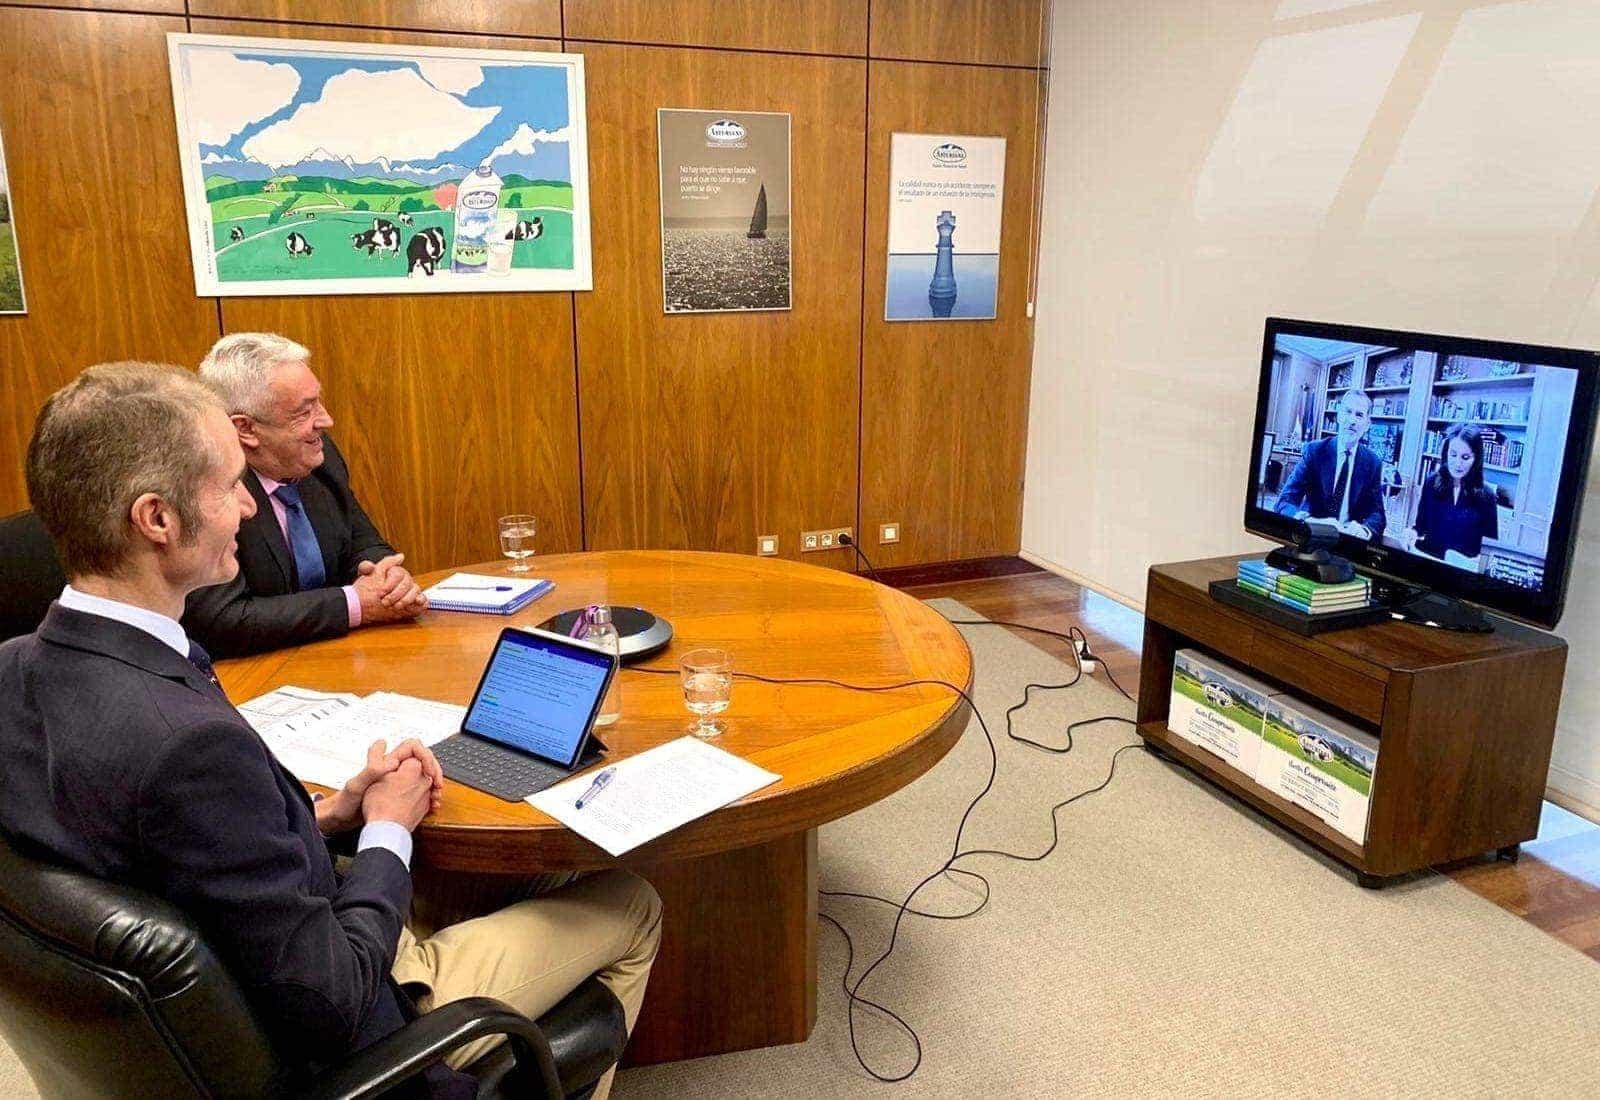 El Presidente de Central Lechera Asturiana SAT y Capsa Food y su director general se reúnen por videoconferencia con SS MM Los Reyes de España